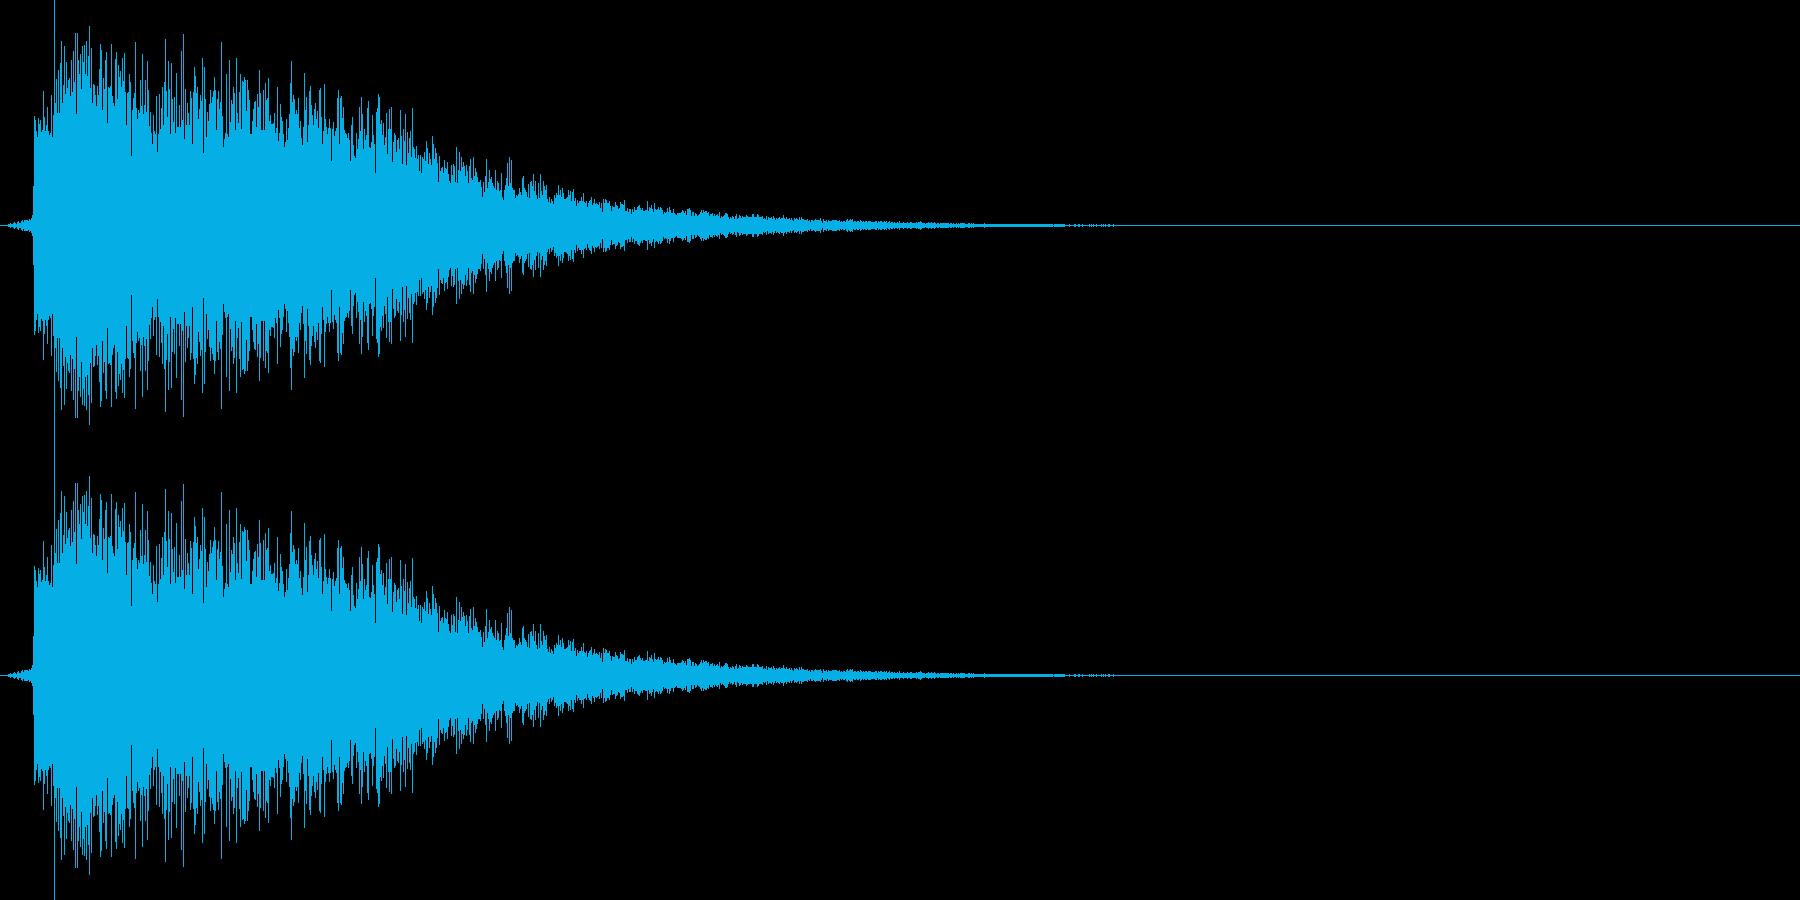 ビーン(ゲーム、決定、アプリ)の再生済みの波形